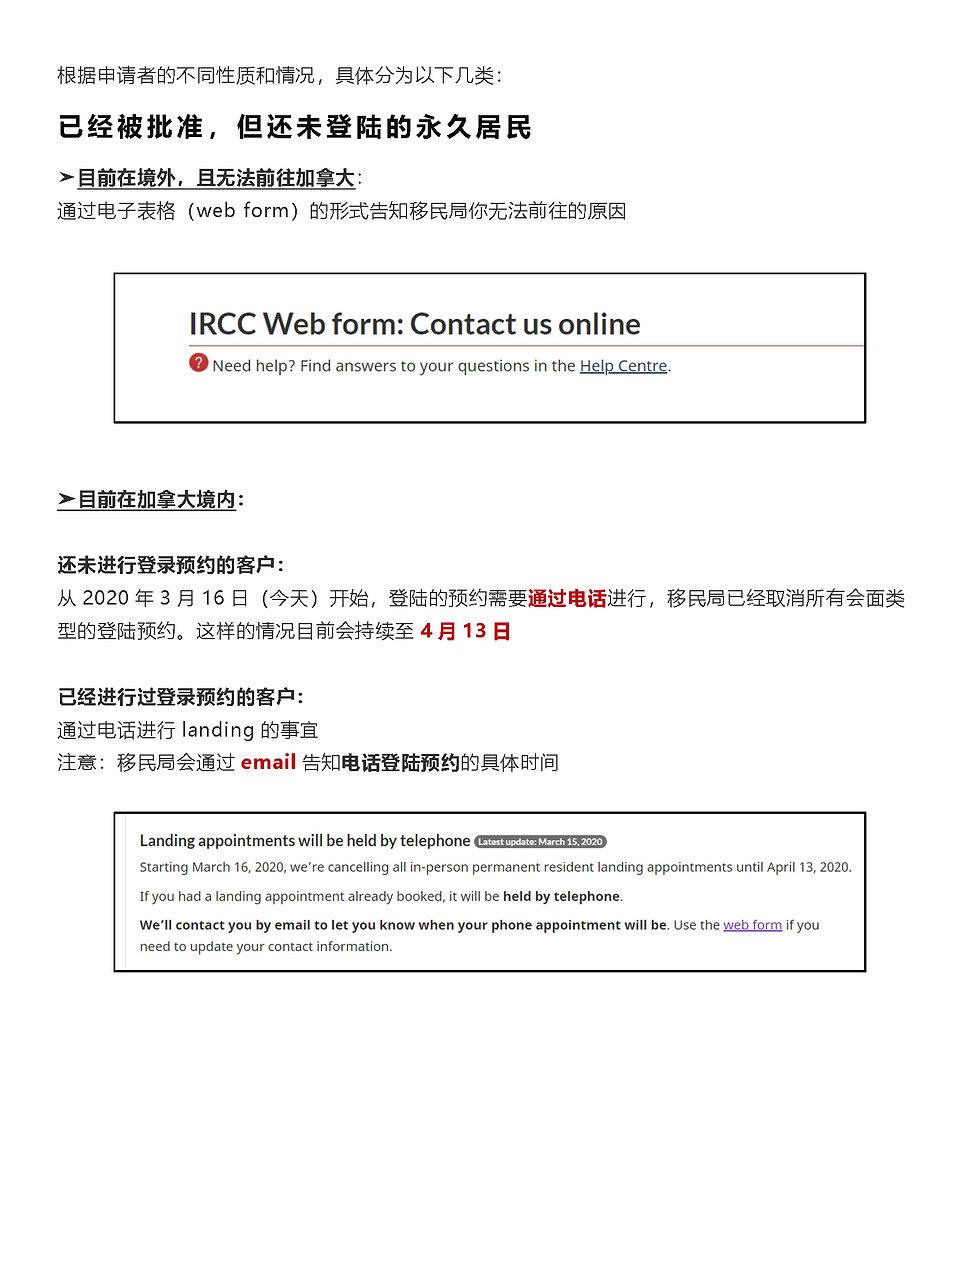 202003318 温尼伯站帖子_Page_09.jpg